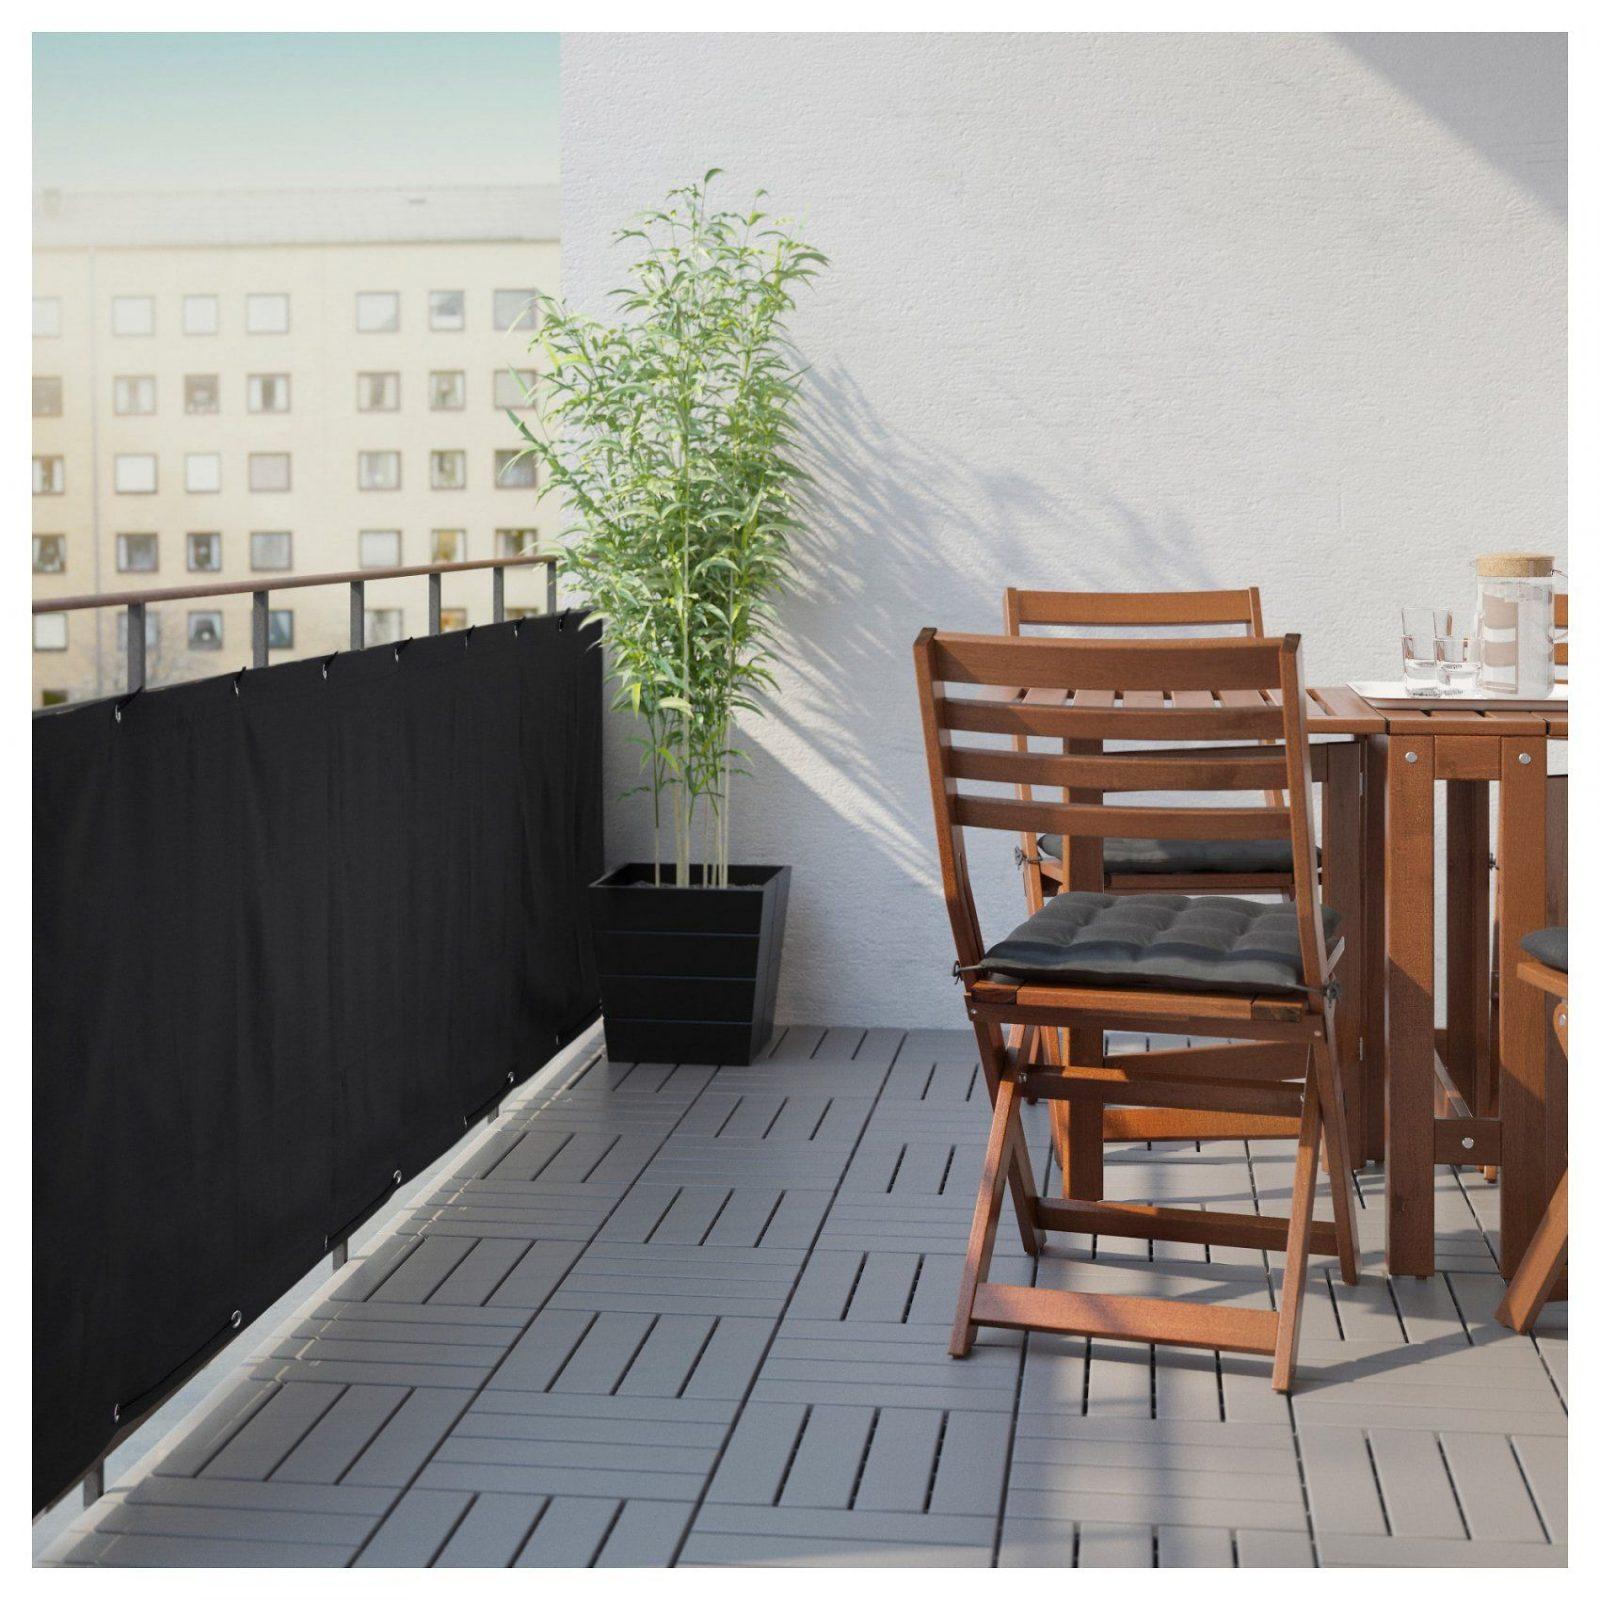 Dyning Sichtschutzbalkon  Weiß  Ikea von Sichtschutz Für Balkon Ikea Bild